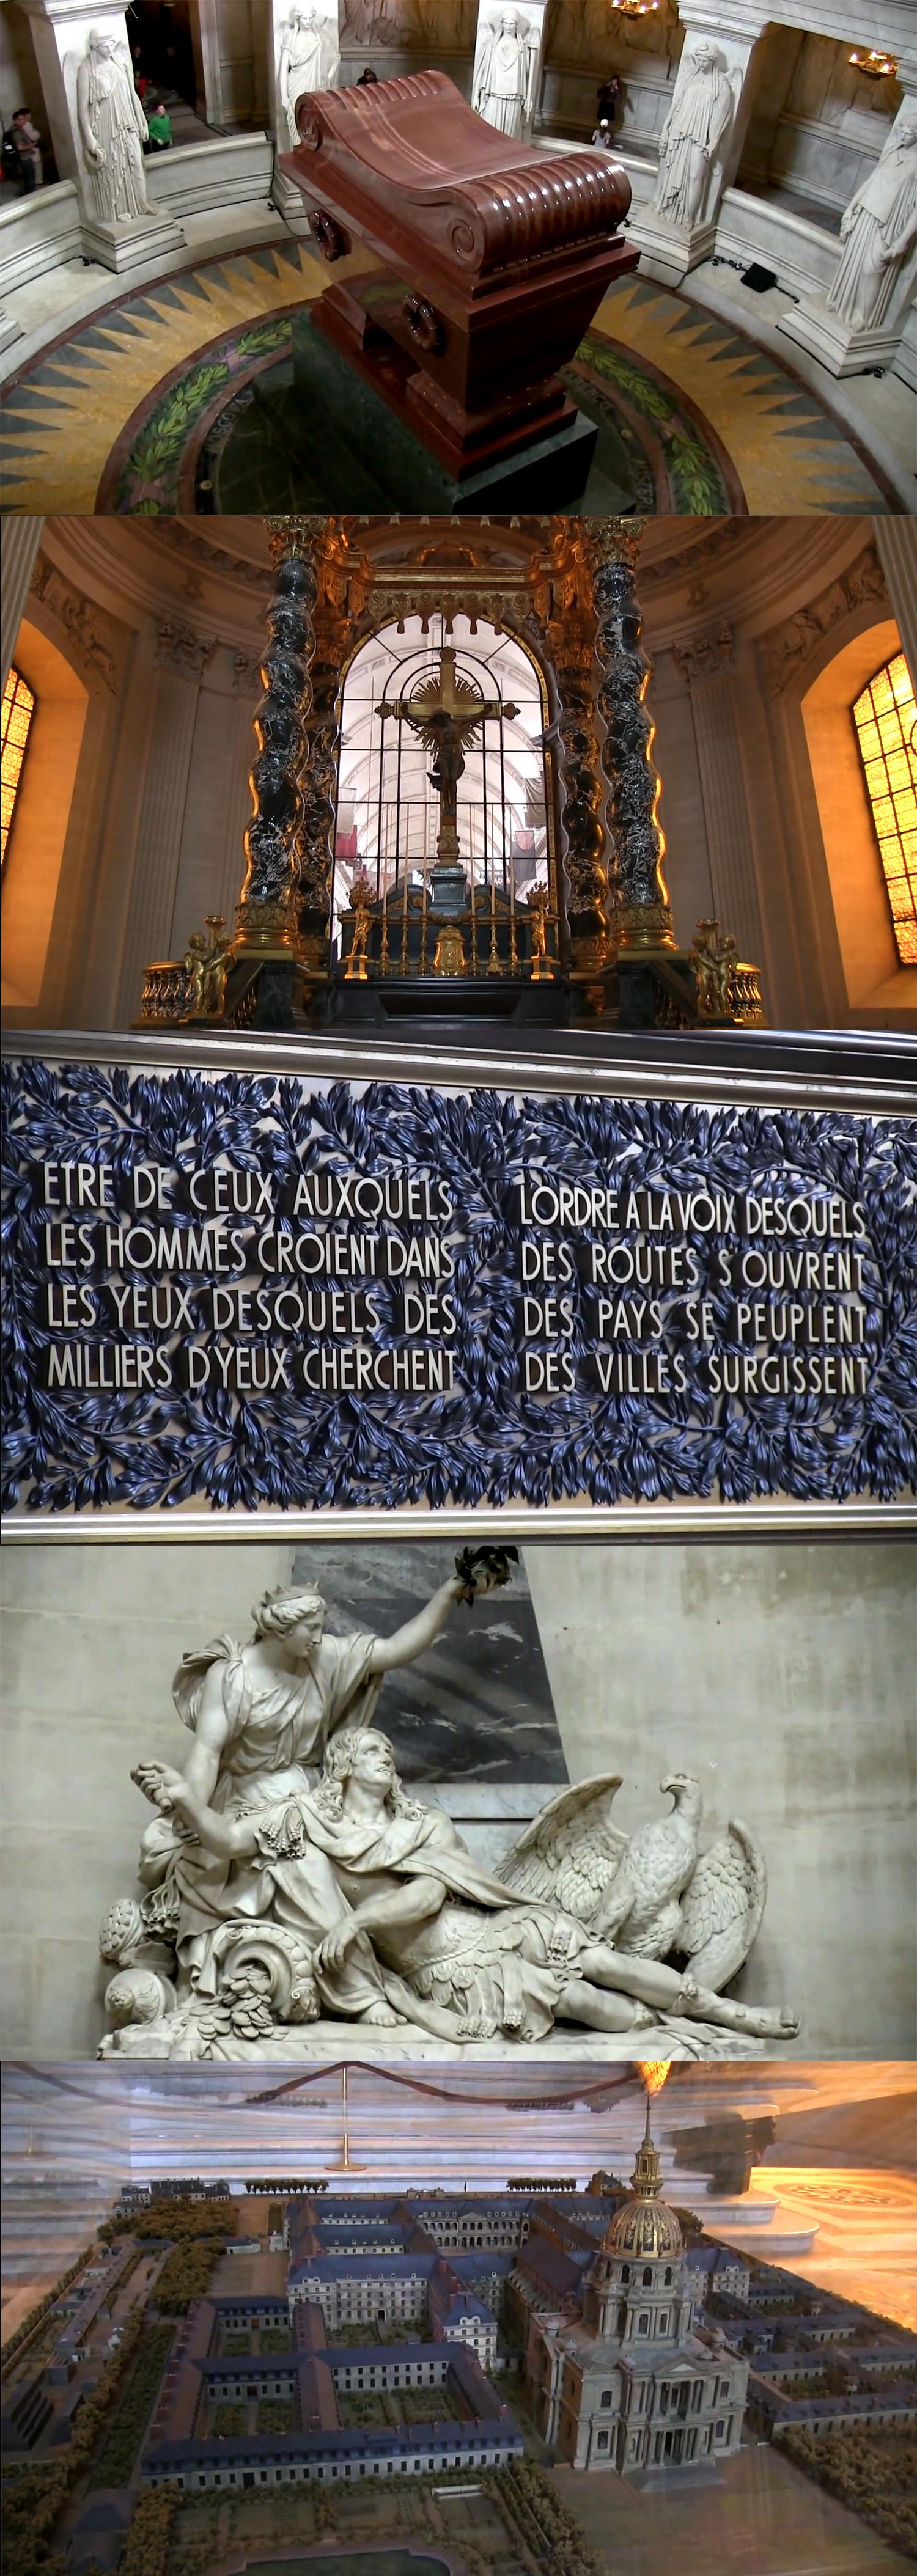 Le Tombeau de Napoléon dpurb site web d'purb.jpg